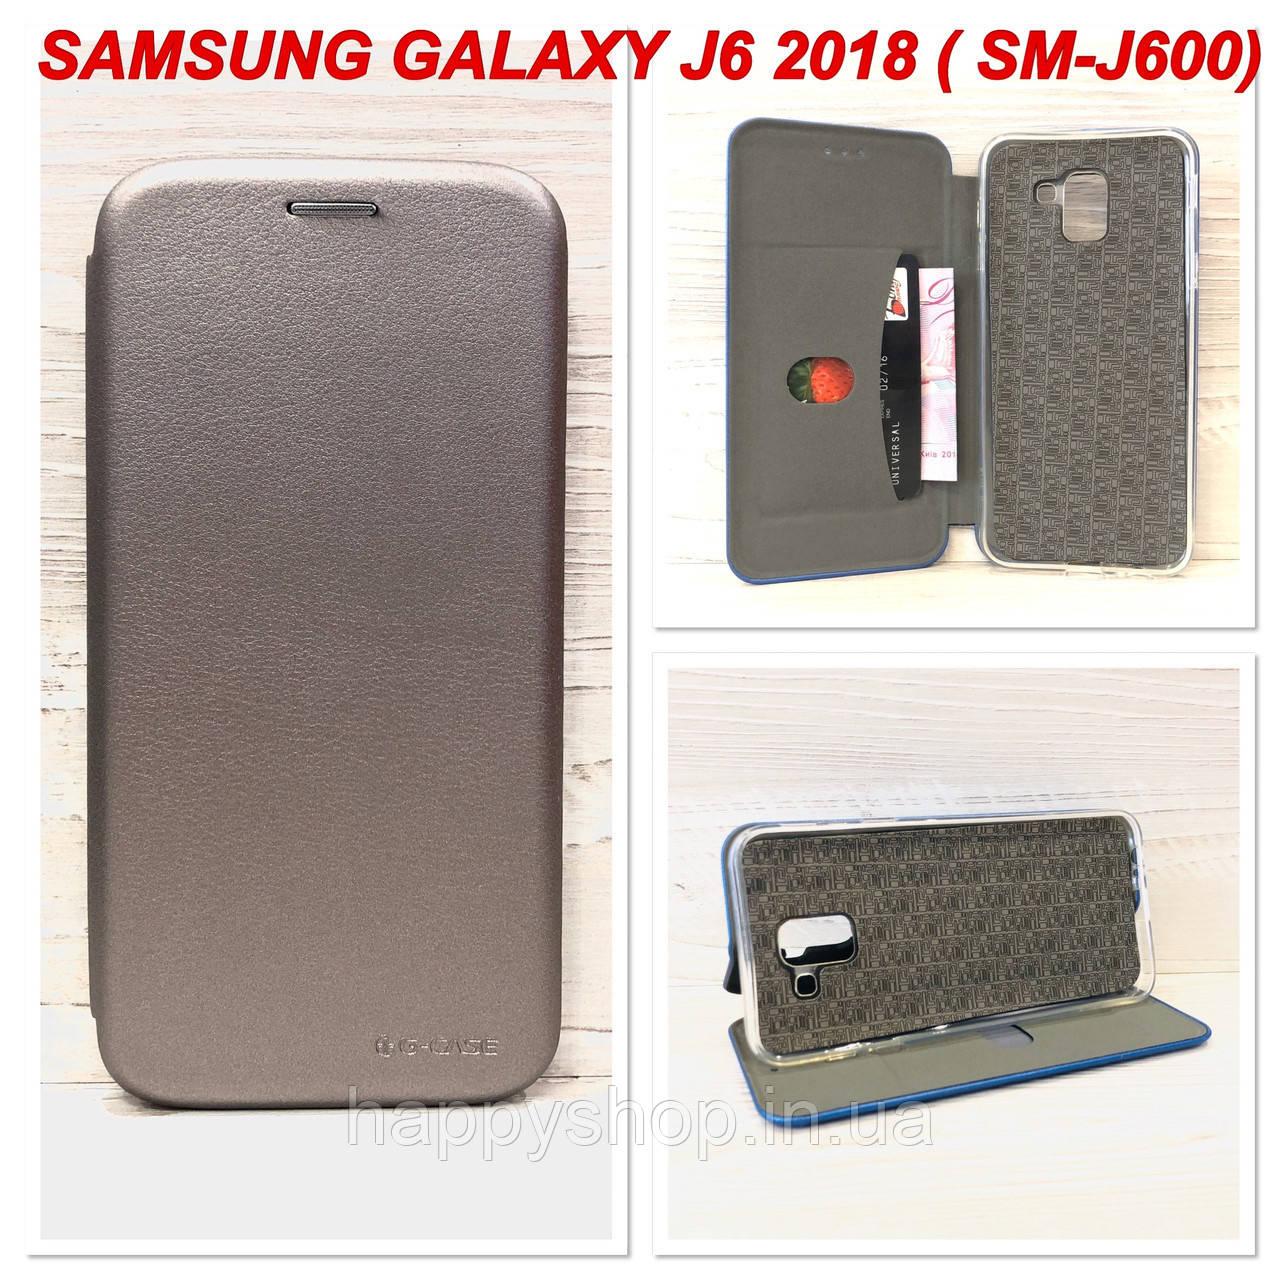 Чохол-книжка G-Case для Samsung Galaxy J6 2018 (SM-J600) Сірий